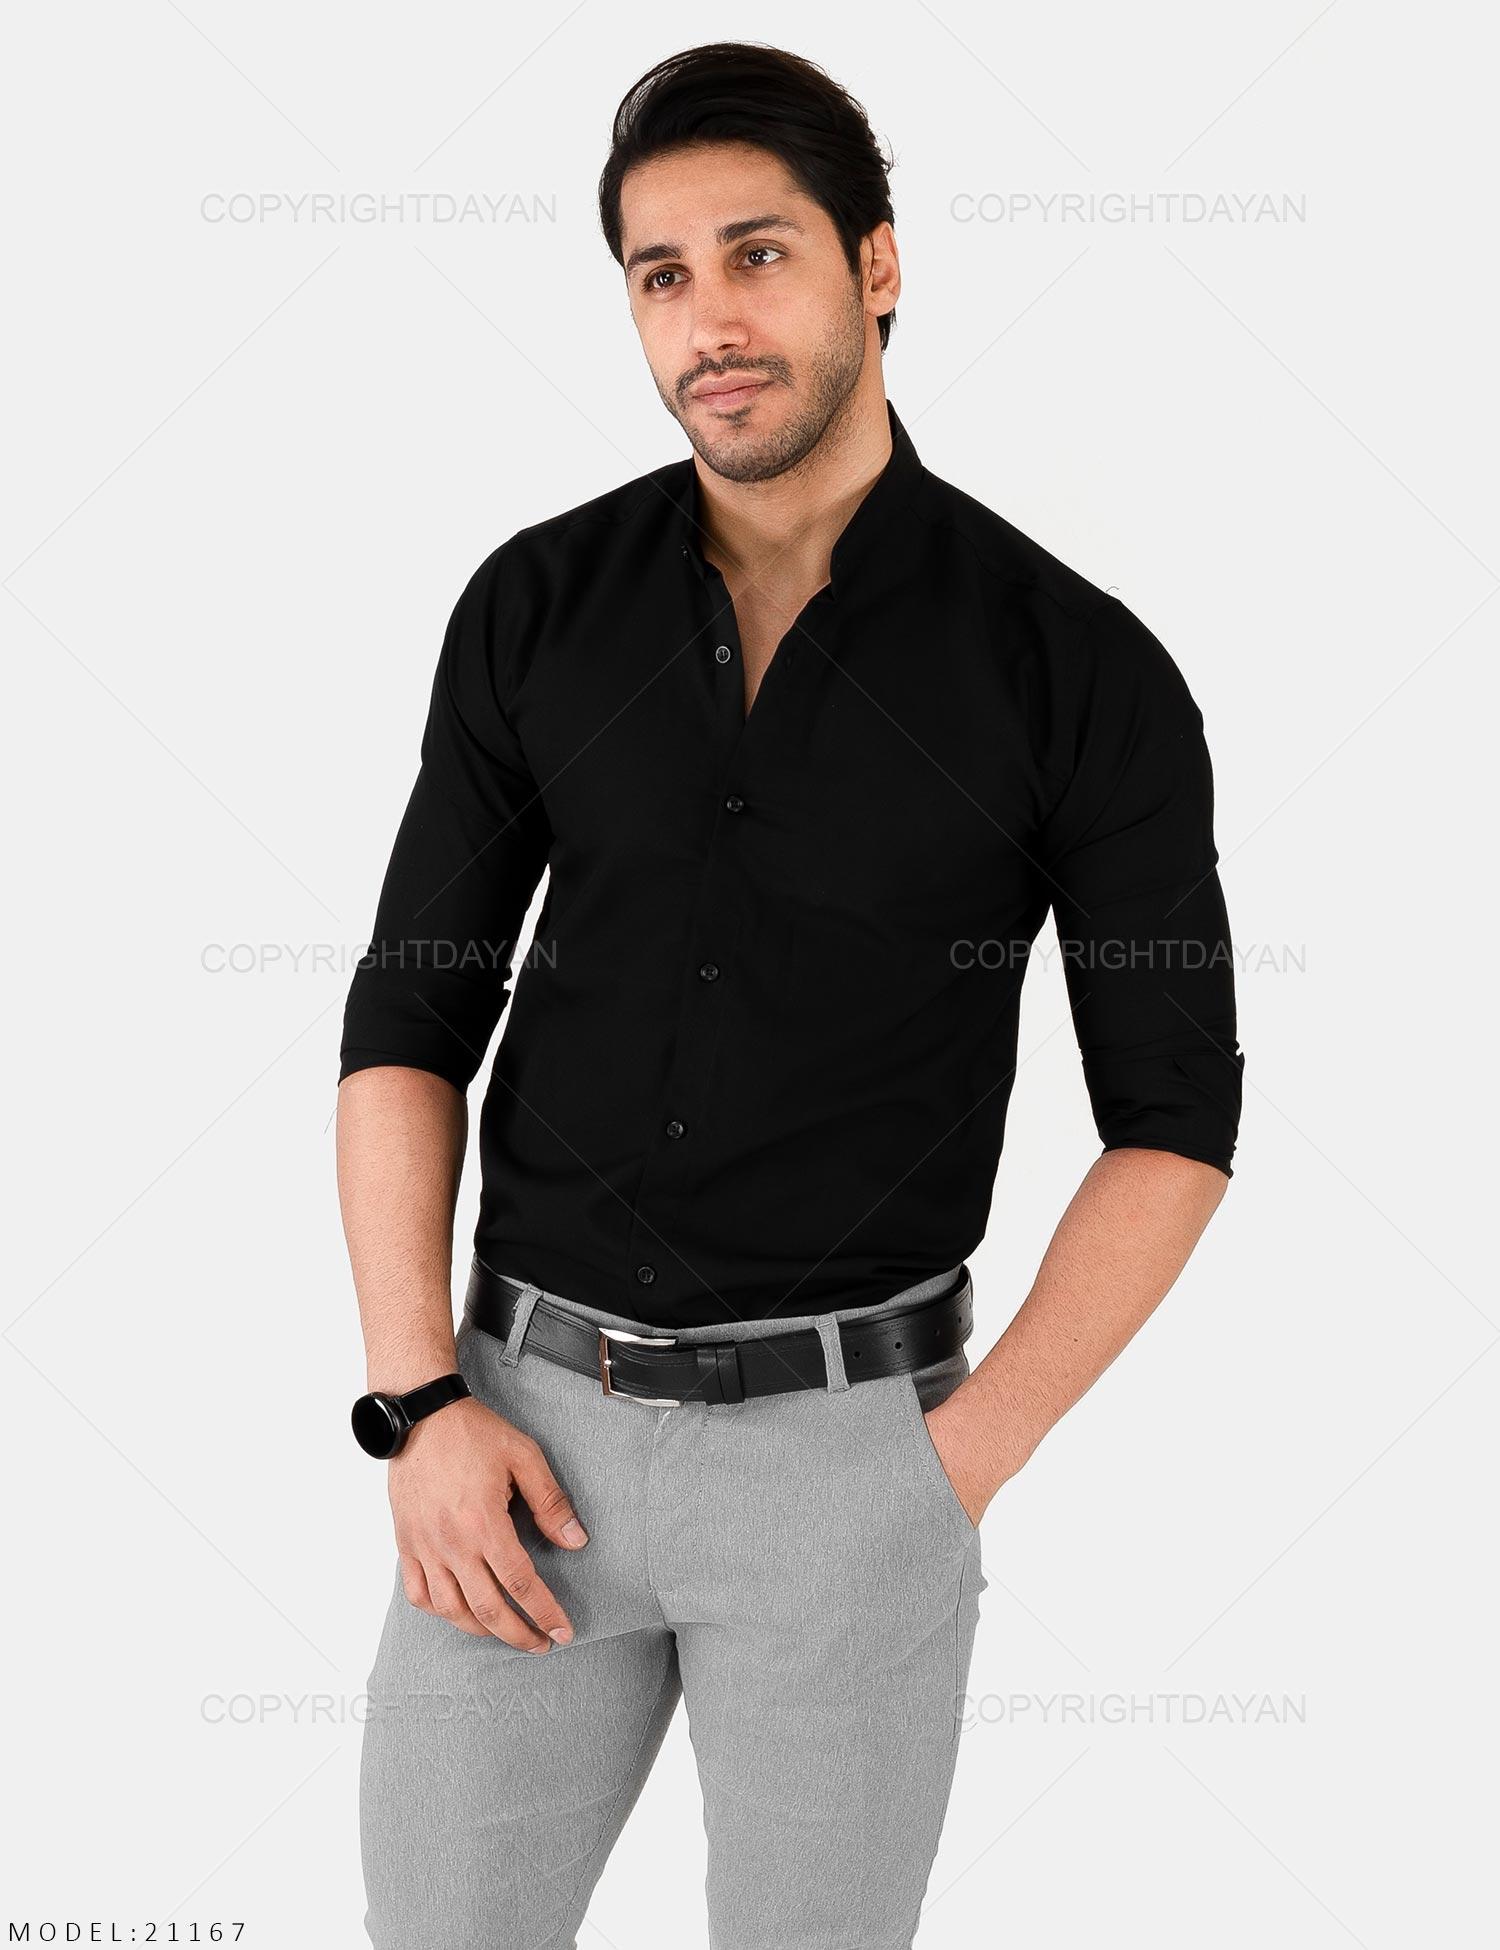 پیراهن مردانه Batis مدل 21164